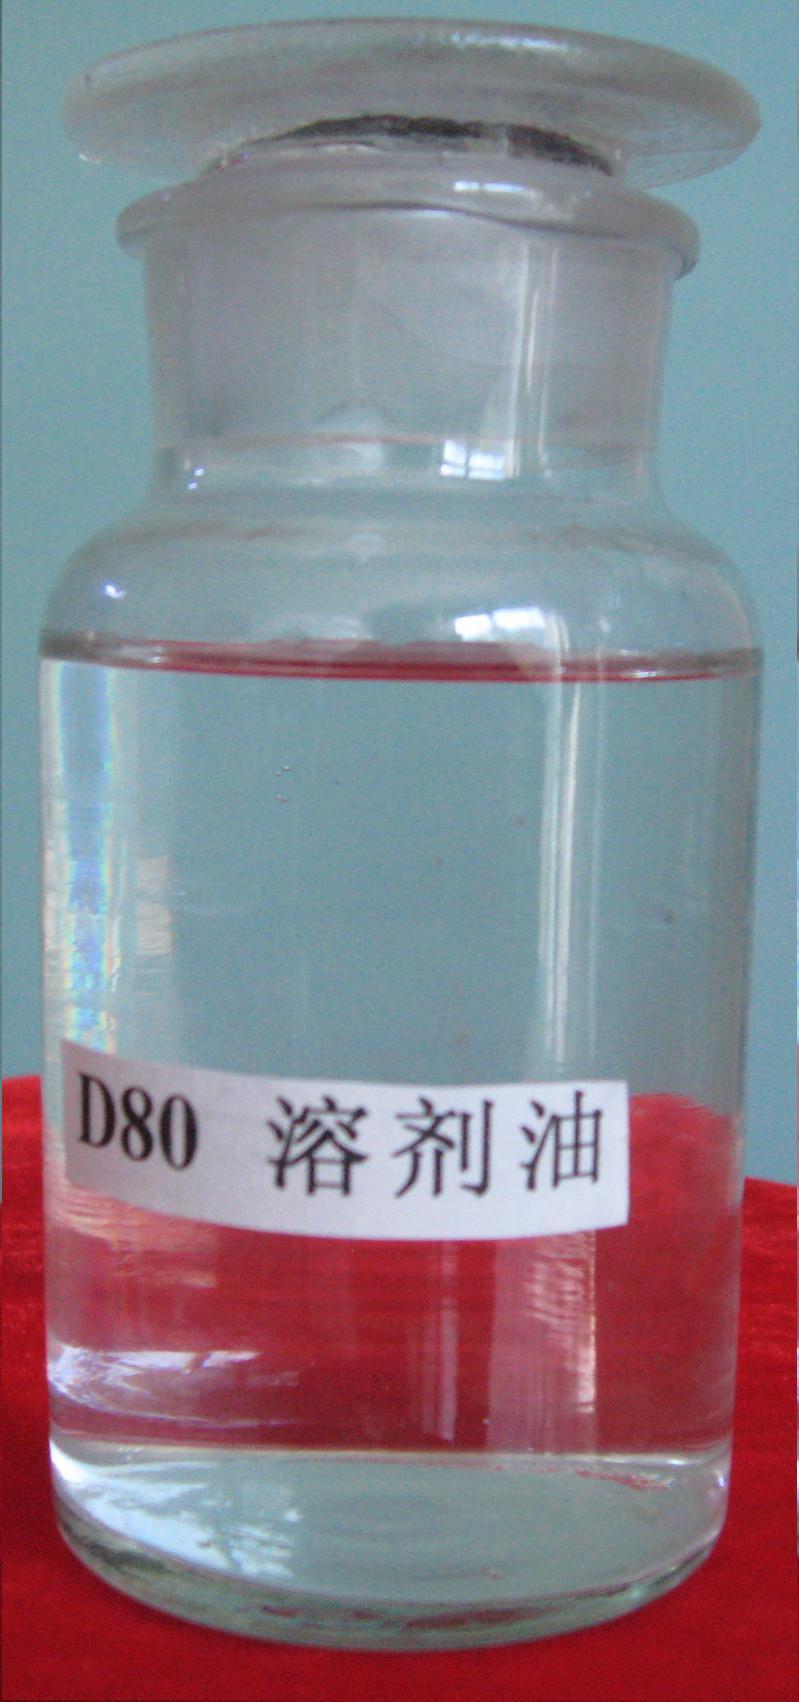 环保 D80溶剂油